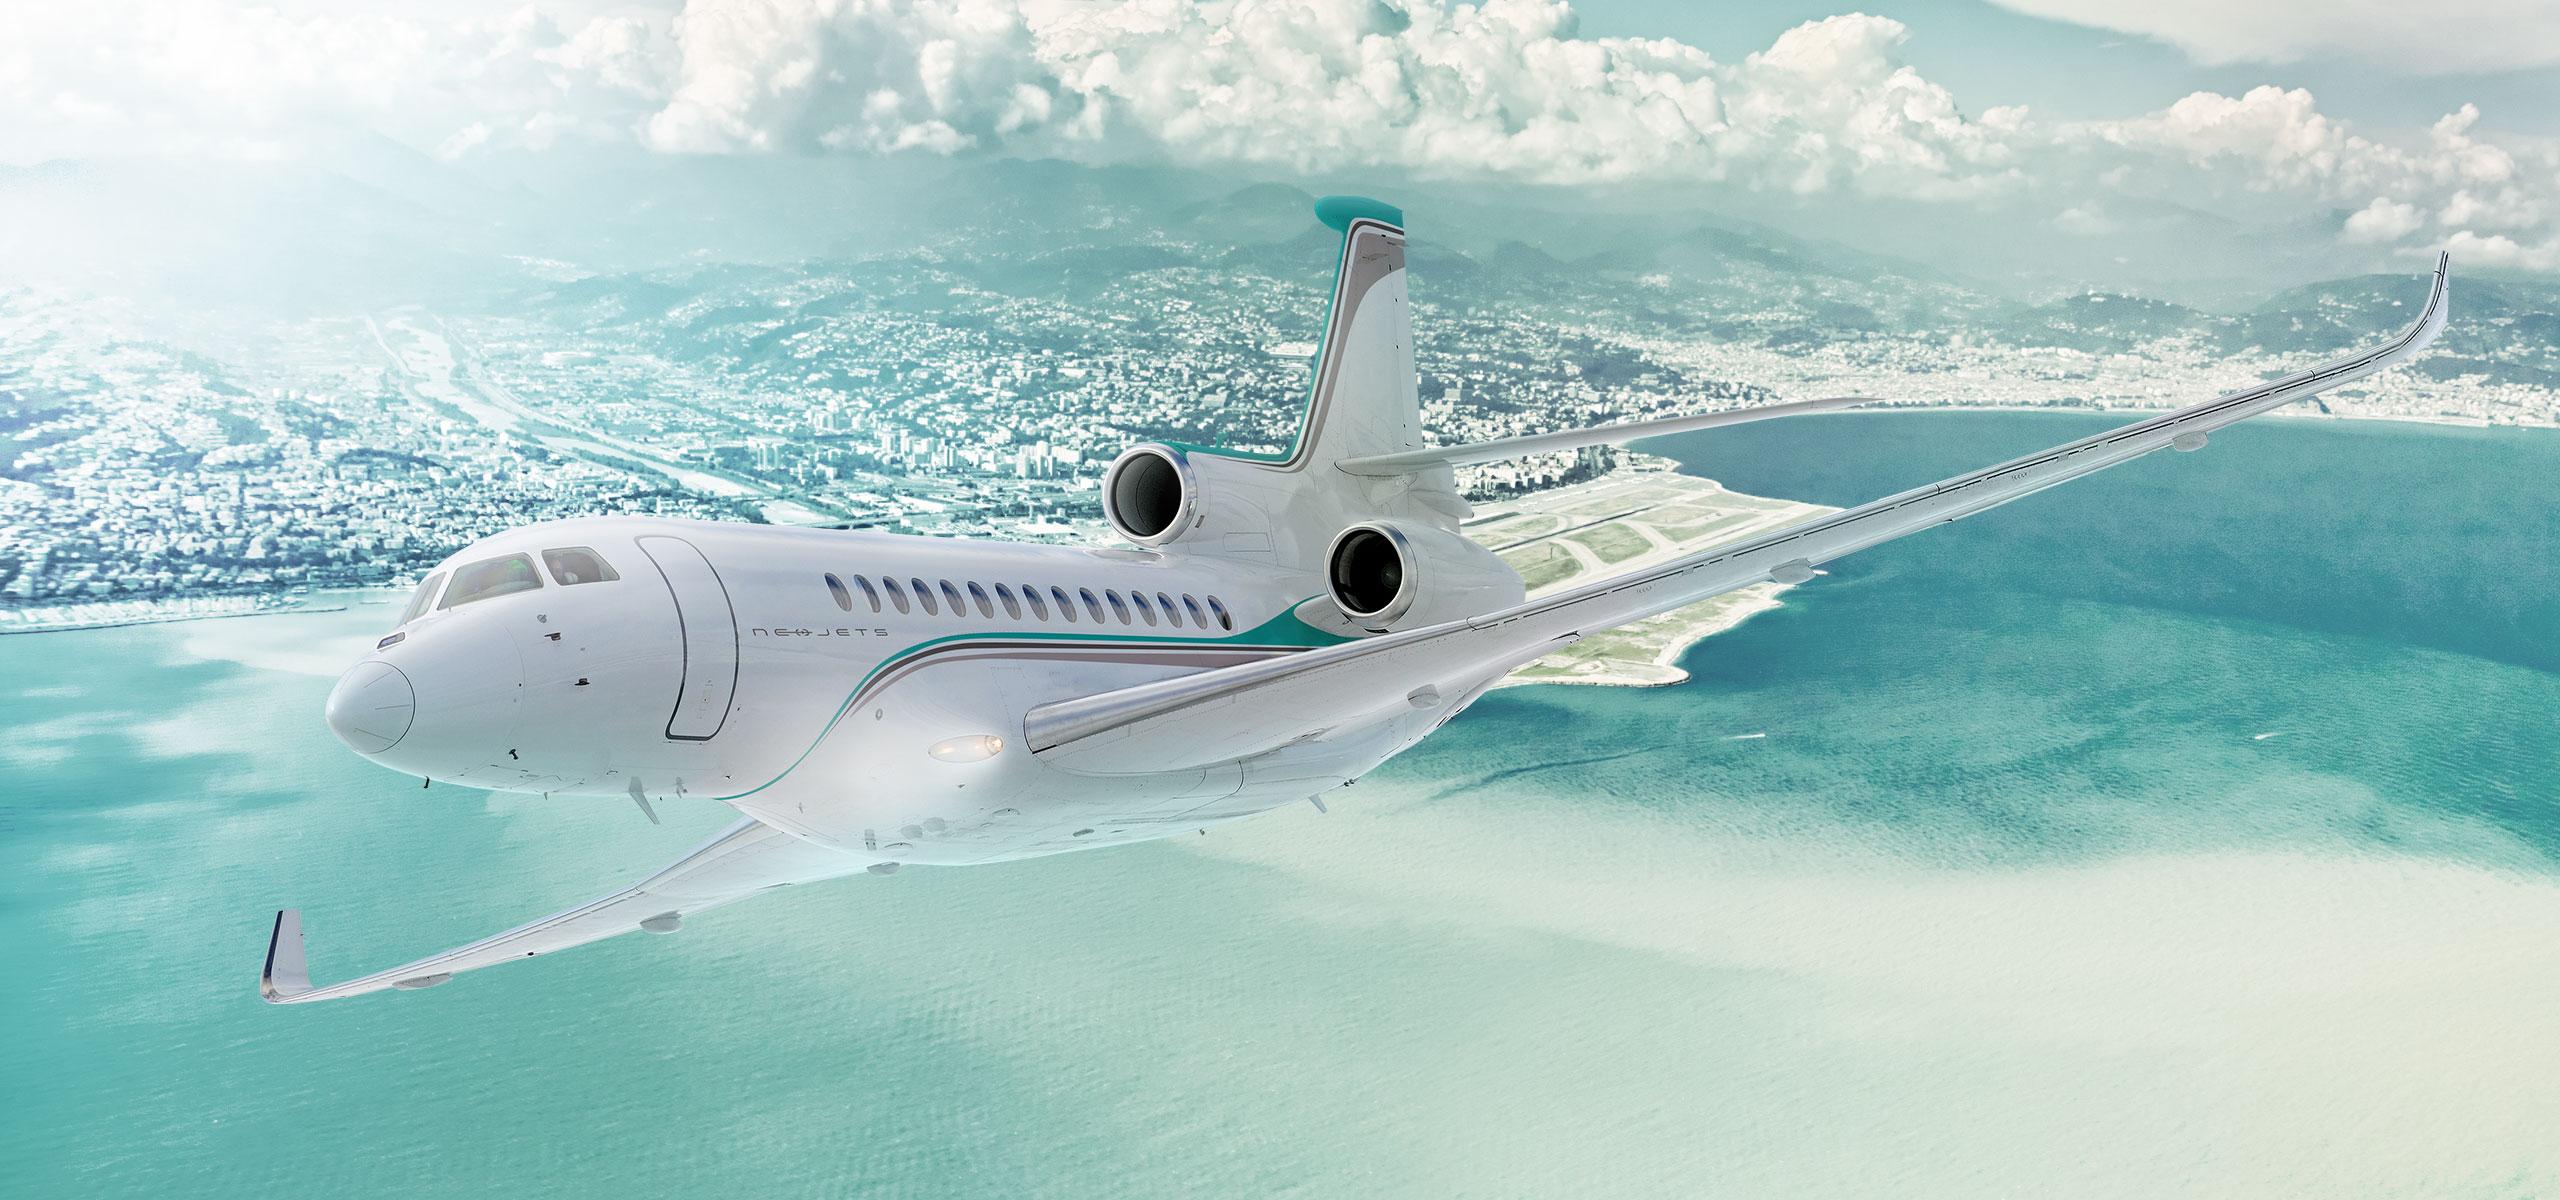 Ultra-Long Range Jet